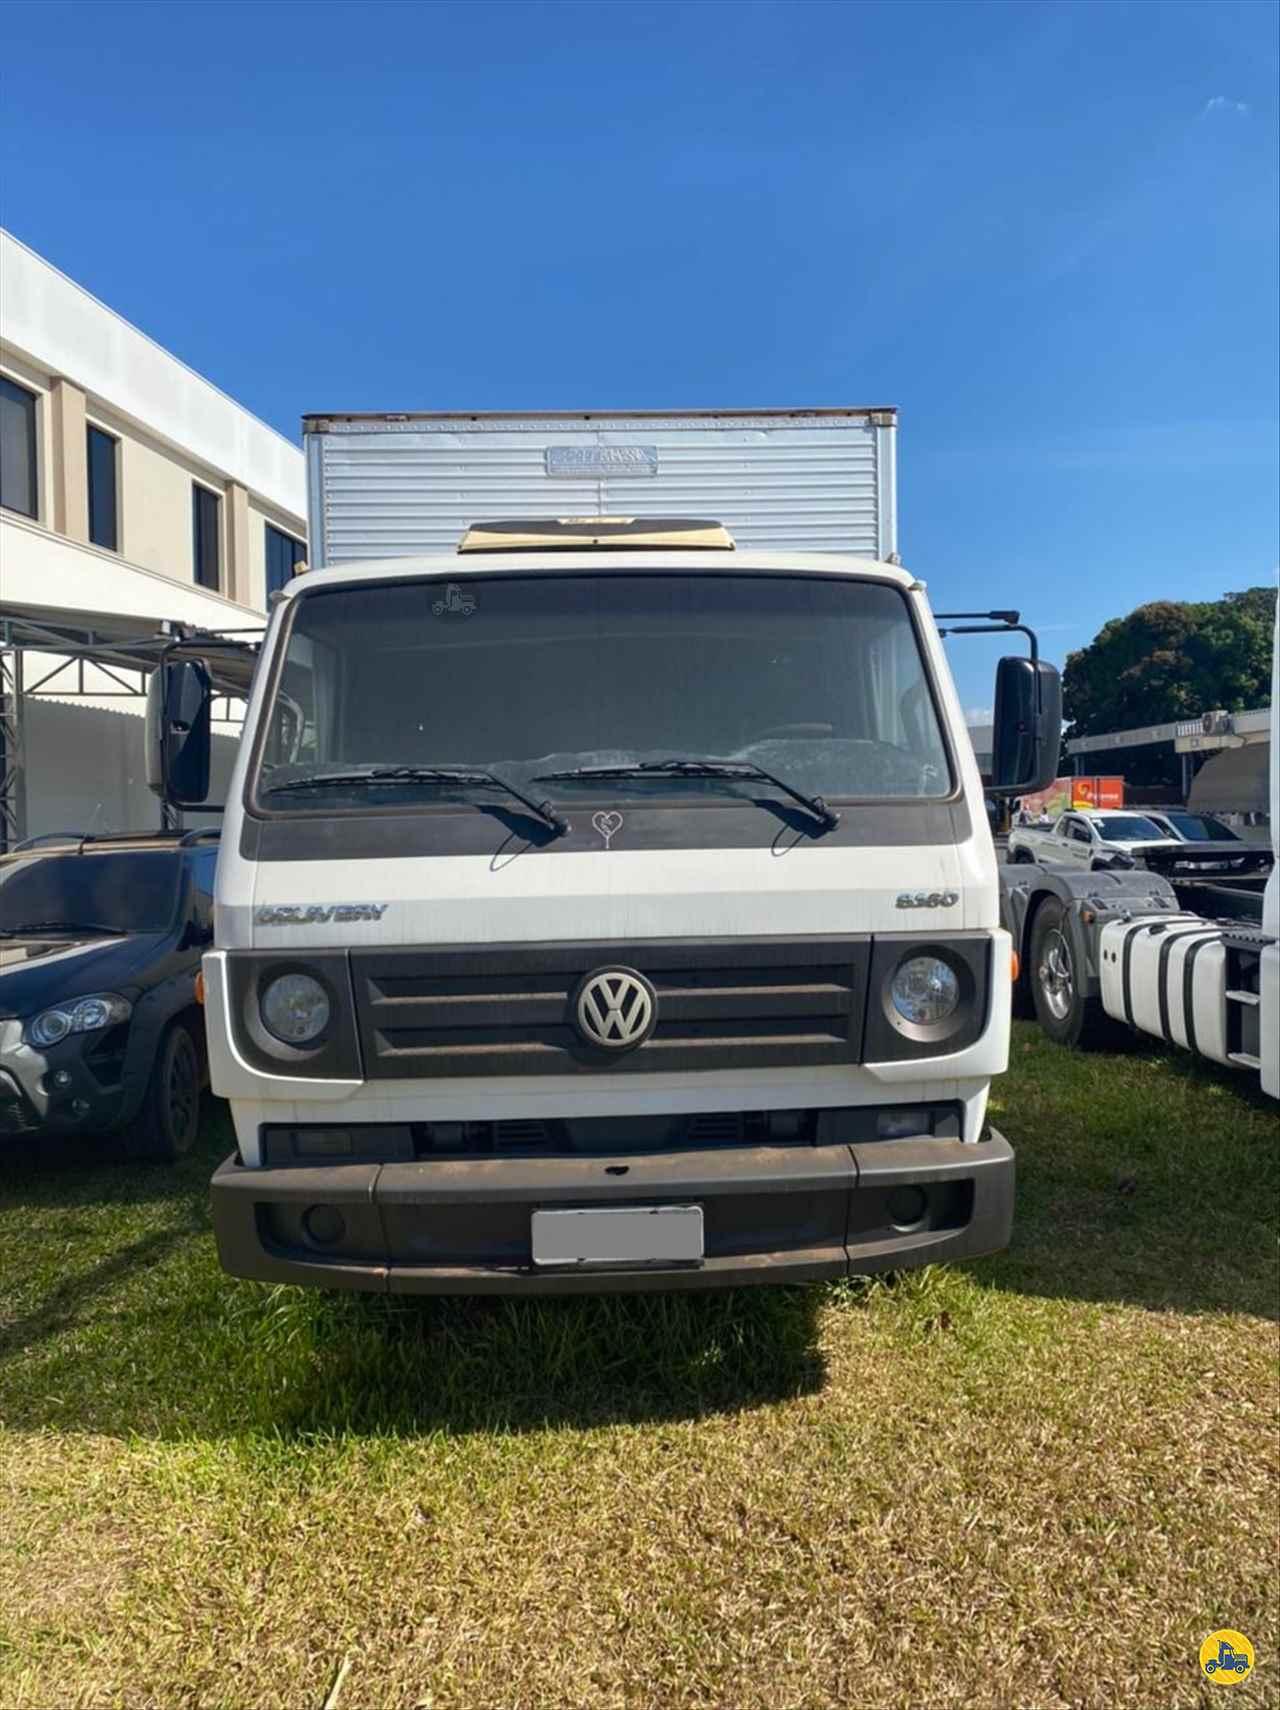 CAMINHAO VOLKSWAGEN VW 8160 Carga Seca 3/4 4x2 AutoPatos - VW PATOS DE MINAS MINAS GERAIS MG